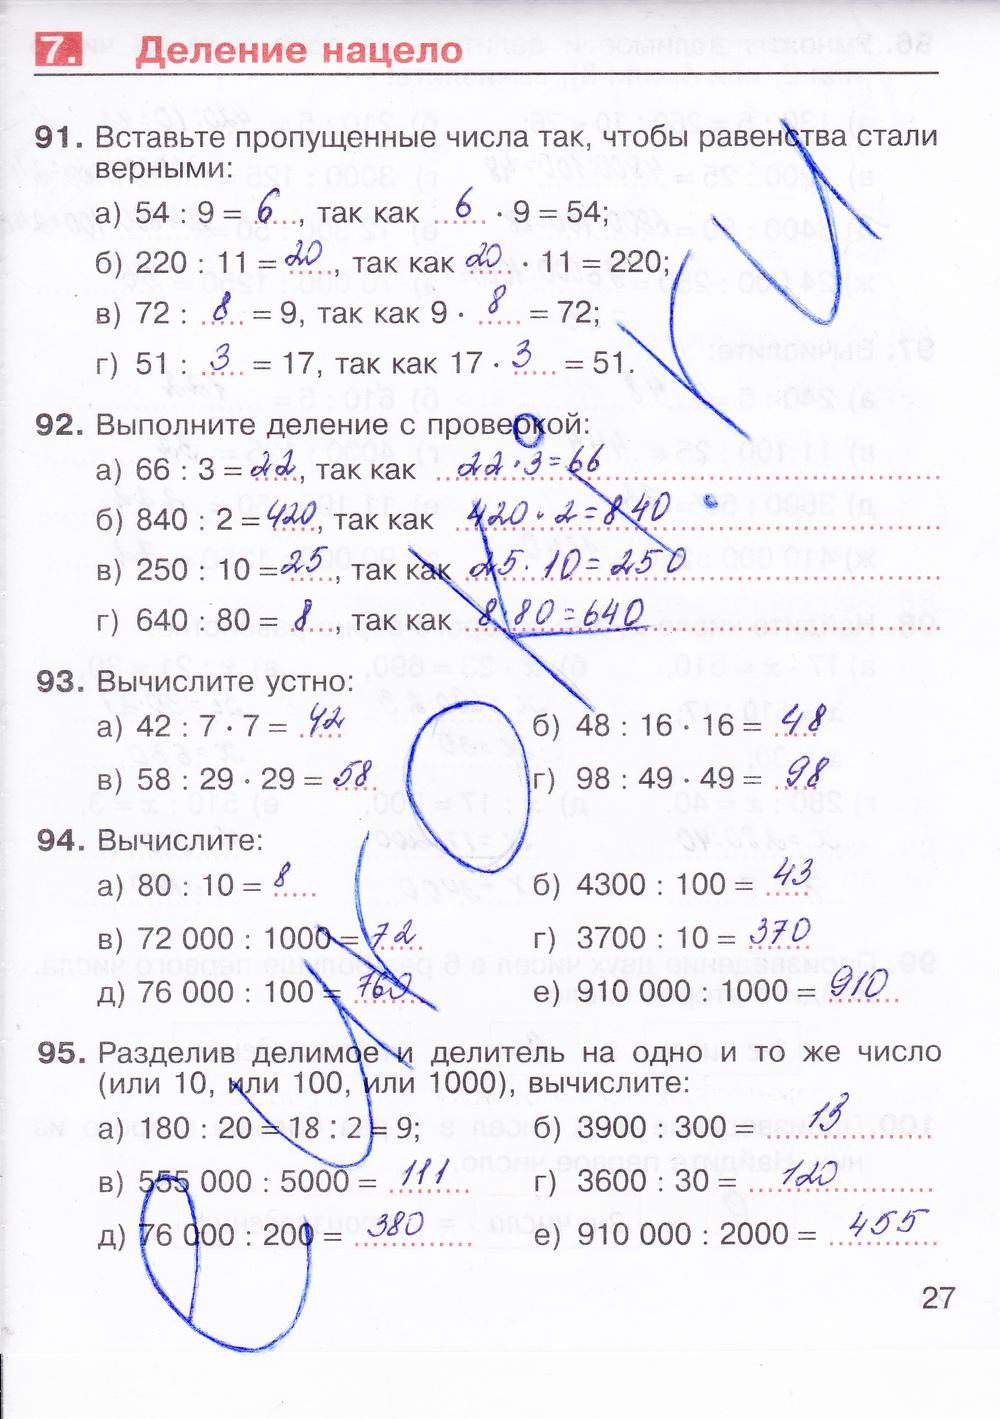 Гдз по рабочим тетрадям по математике 5 м.к потапов